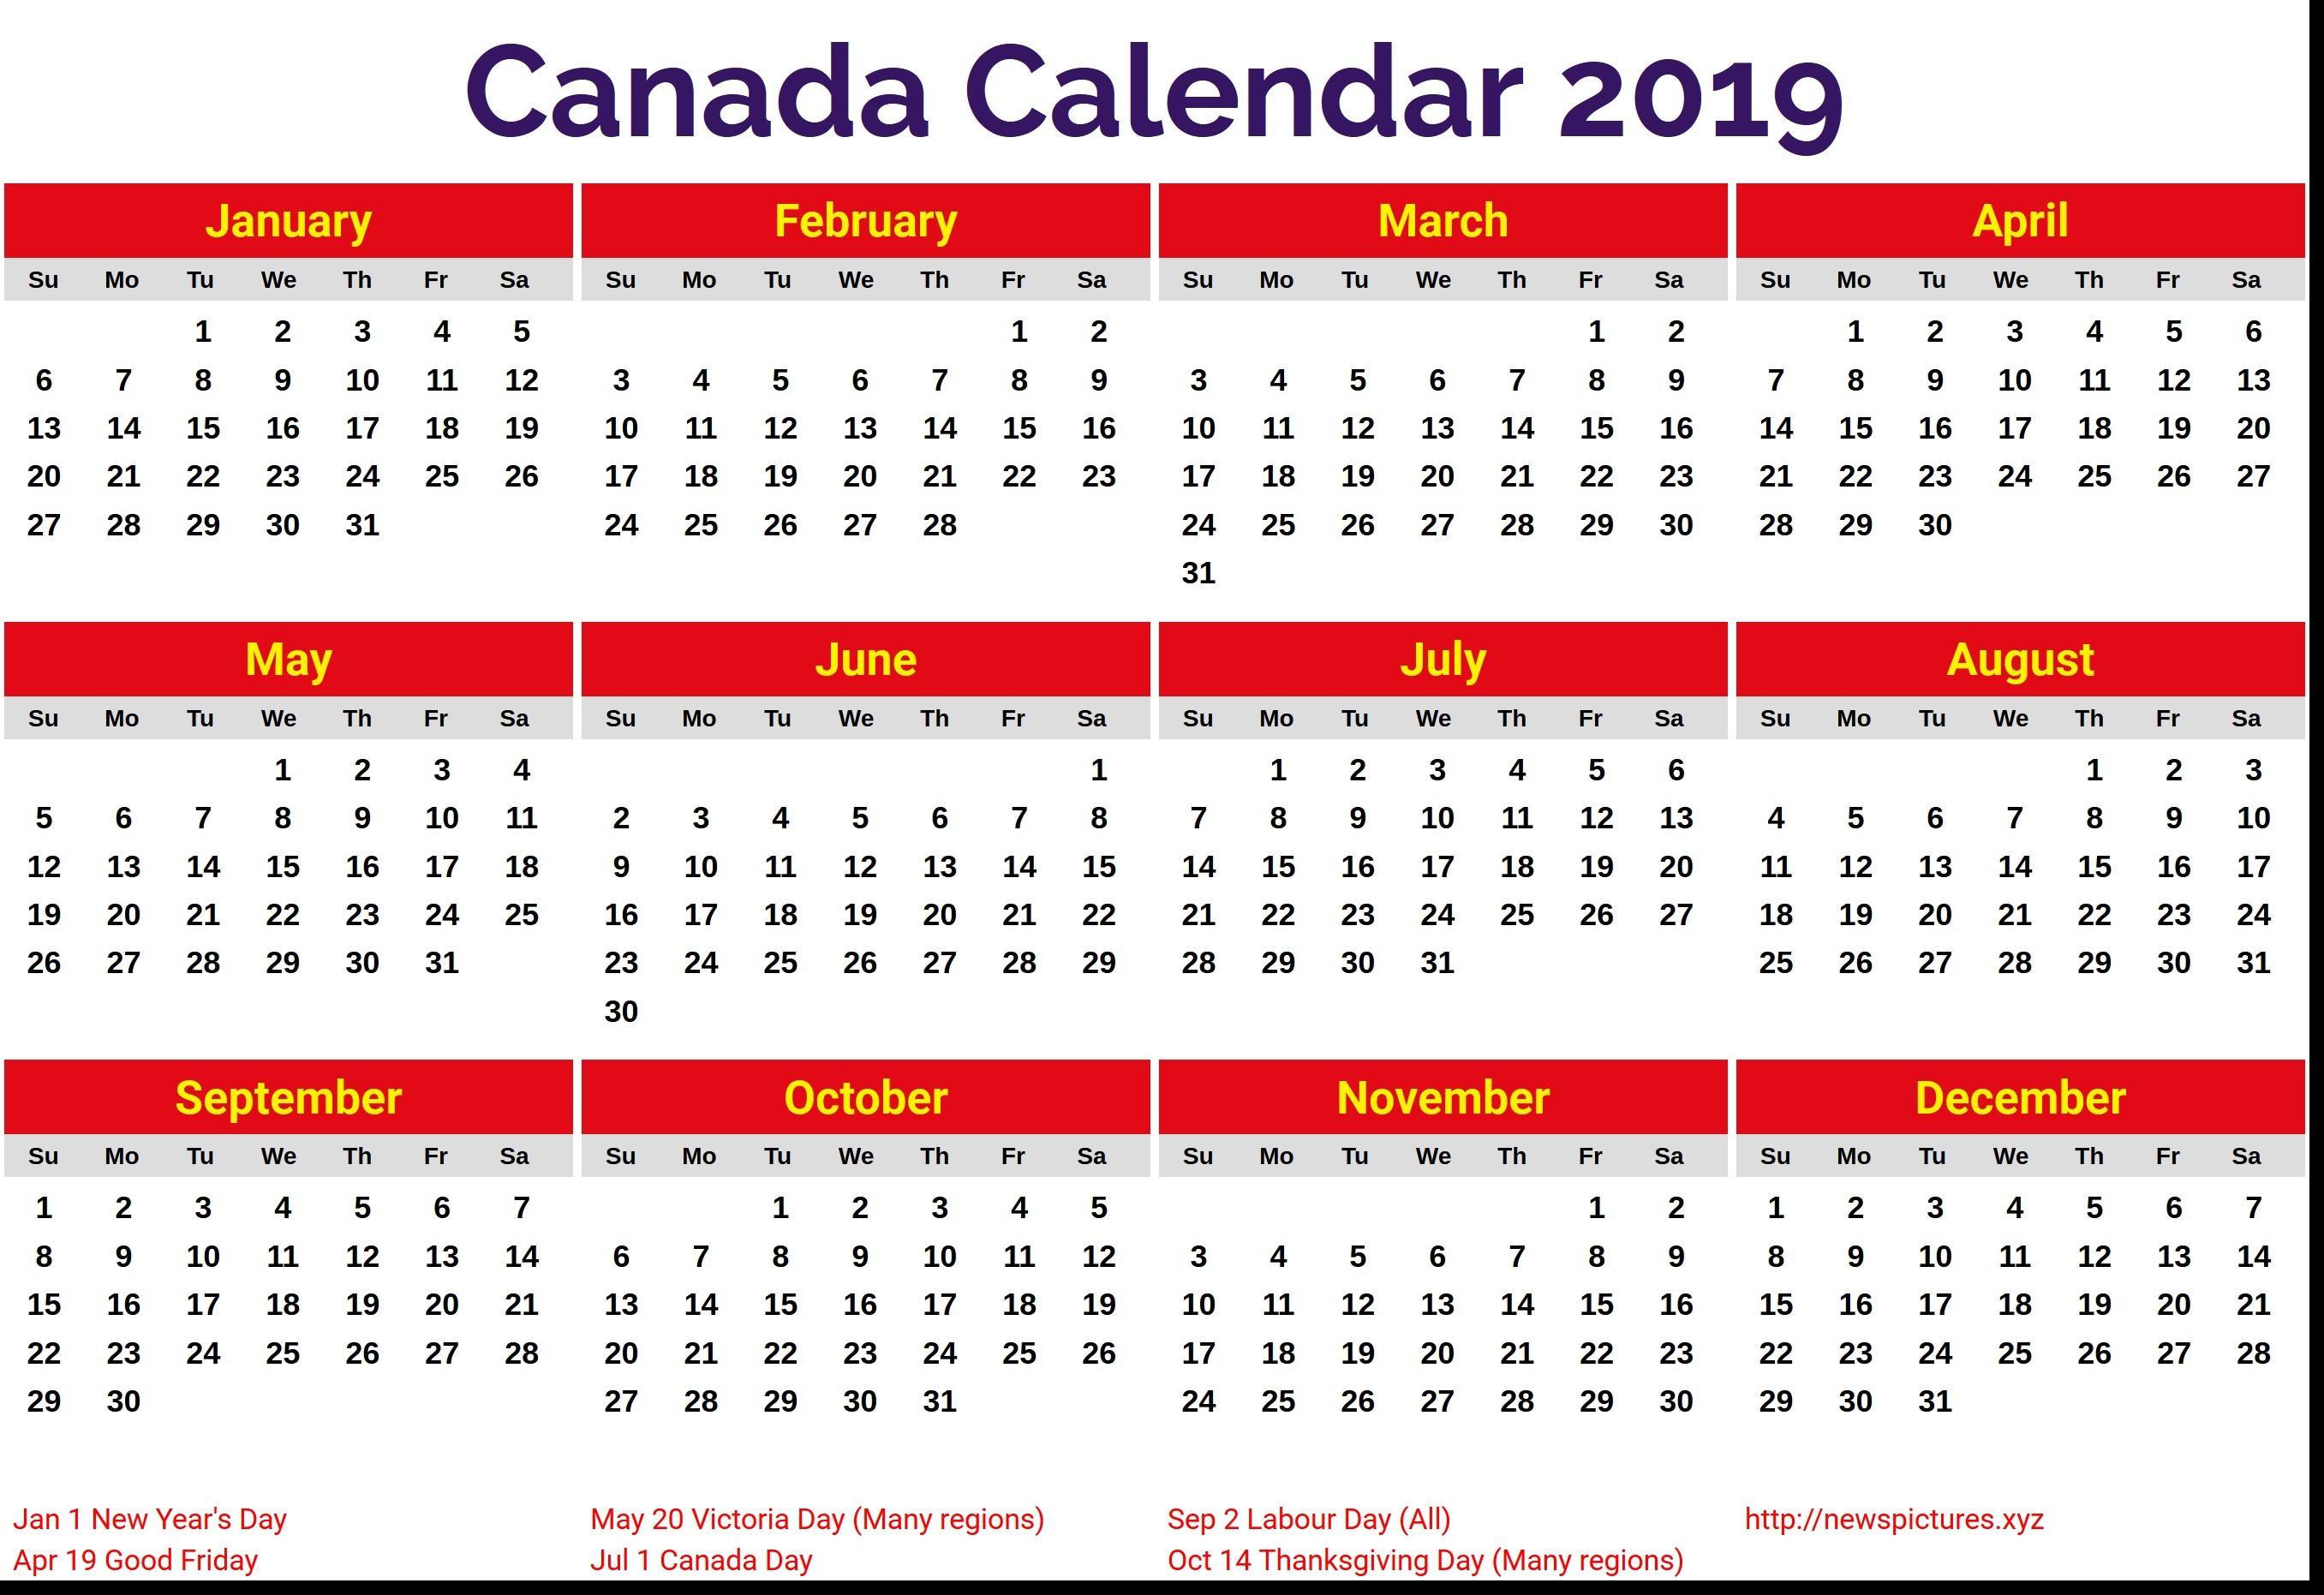 March Calendar Canada Mejores Y Más Novedosos 2019 Yearly Calendar Word Lara Expolicenciaslatam Of March Calendar Canada Más Arriba-a-fecha Kalender Ausdrucken 2015 Schön Printable 0d Calendars Kalender